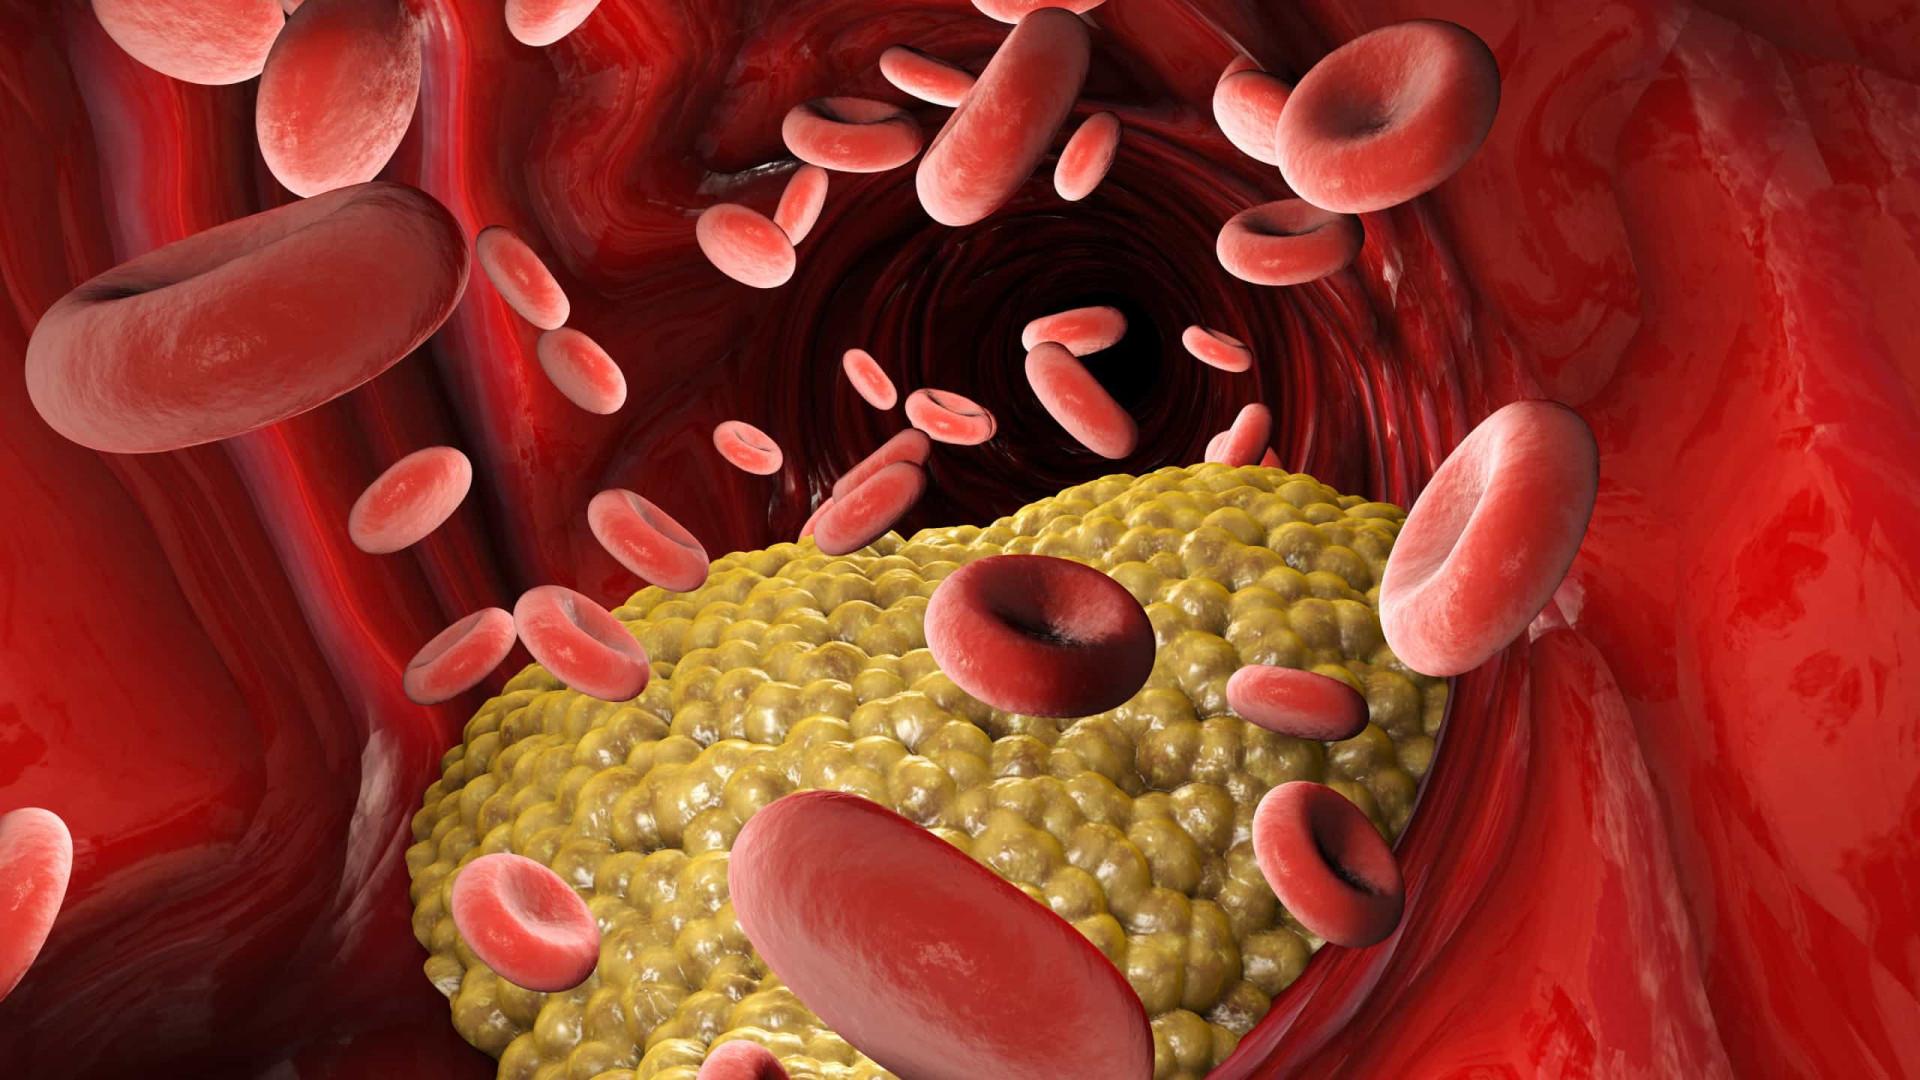 Quatro passos para reduzir os níveis de colesterol em três semanas